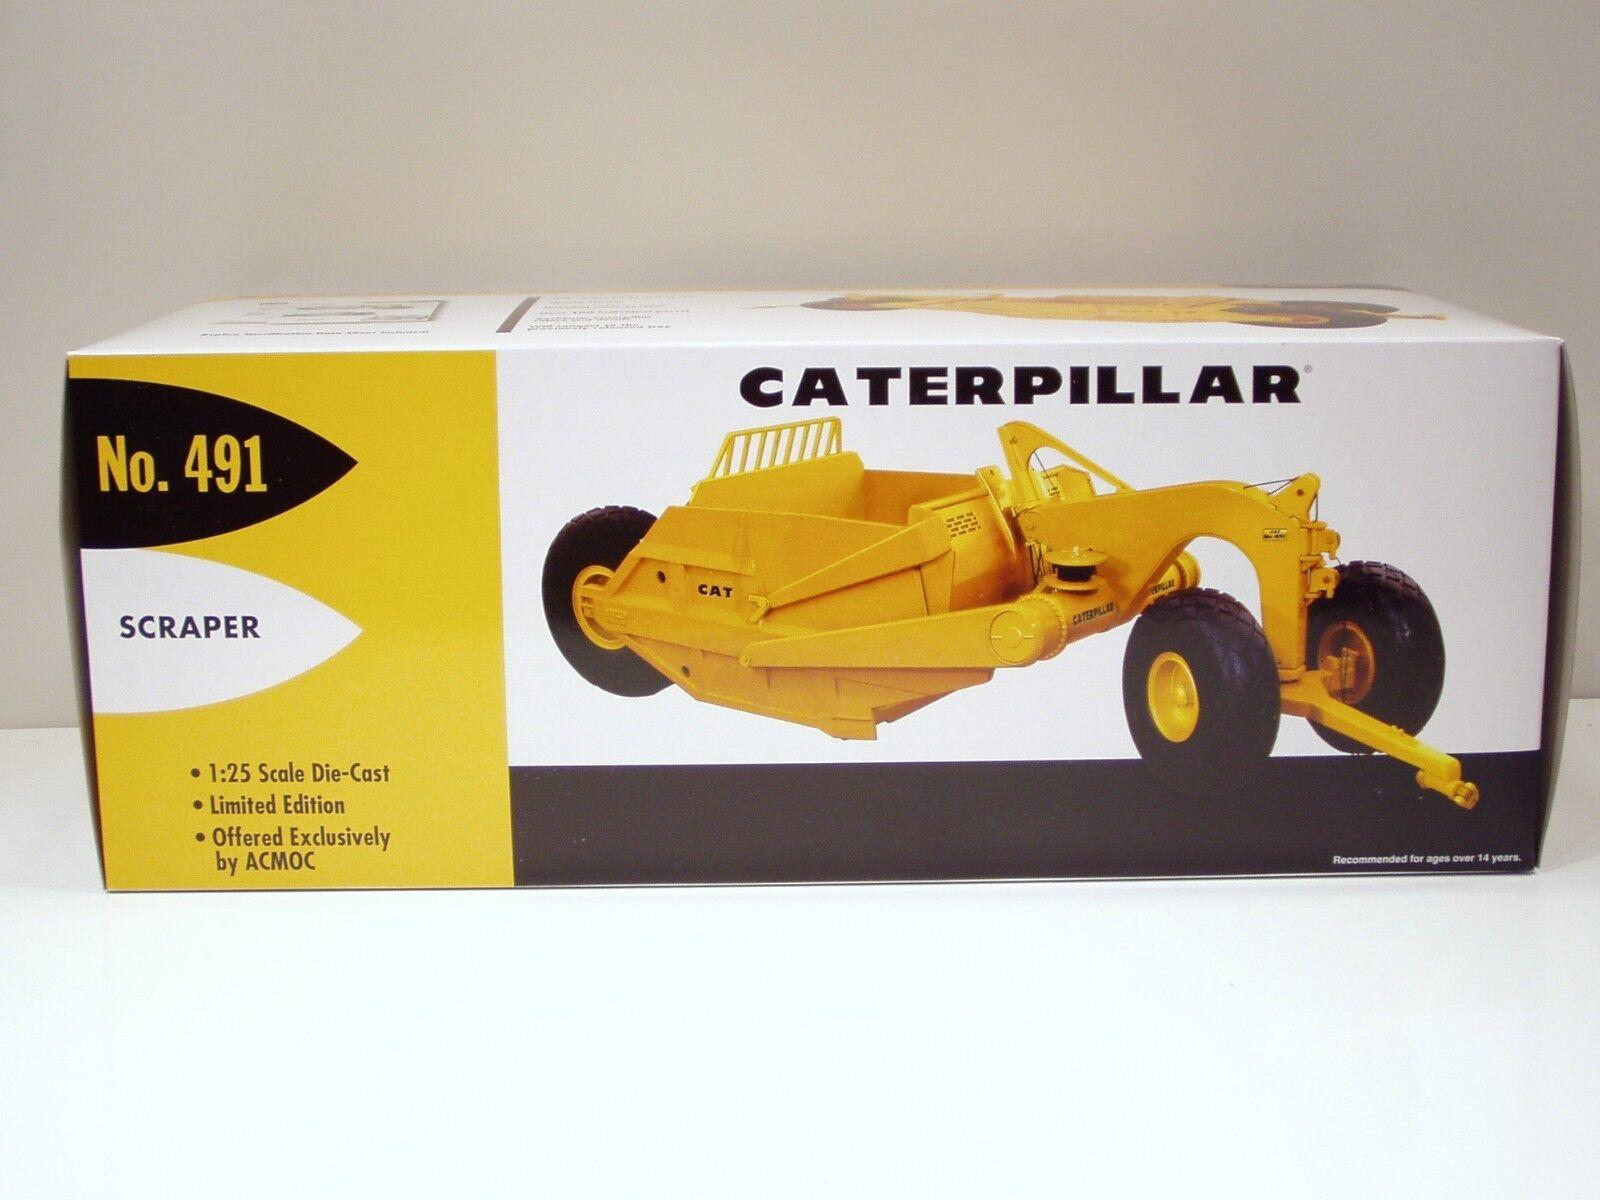 qualità garantita Caterpillar 491 Scraper - 1 25 25 25 - primero Gear  49-0175 - Bre nuovo  il più alla moda